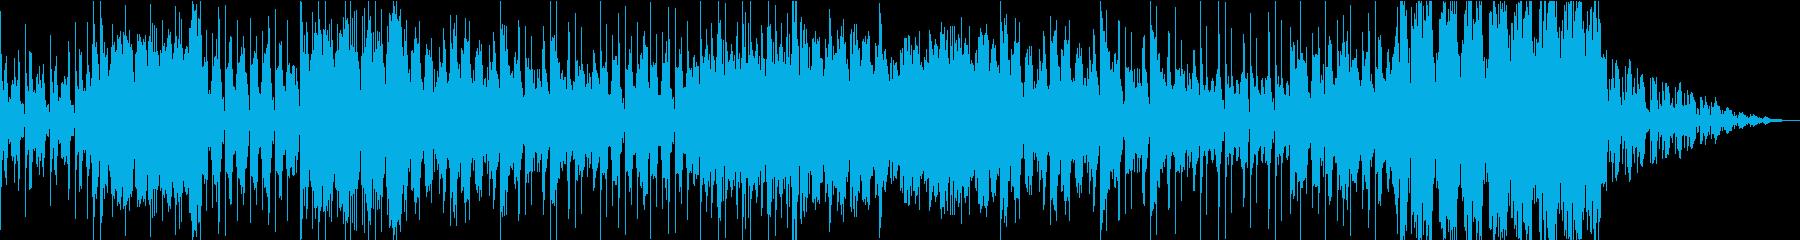 和風で怪しげなダブステップサウンドの再生済みの波形